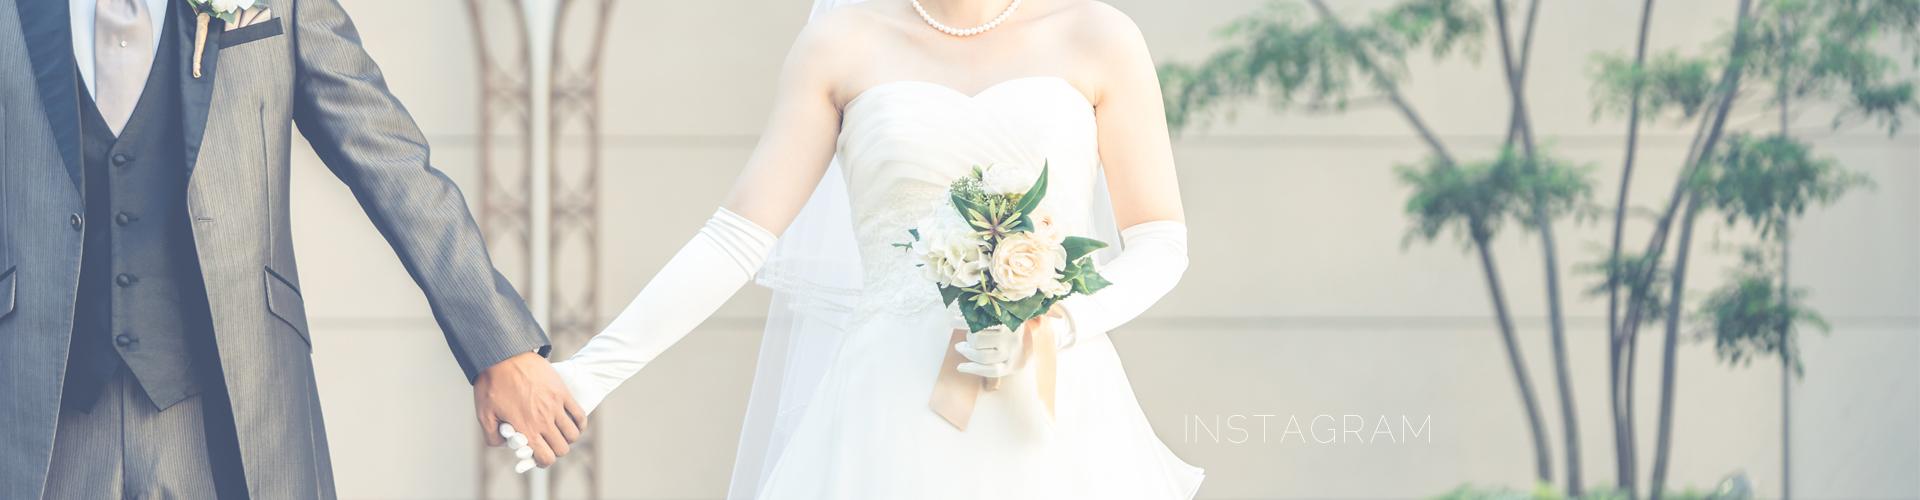 結婚式カメラマン写真-インスタグラム-00